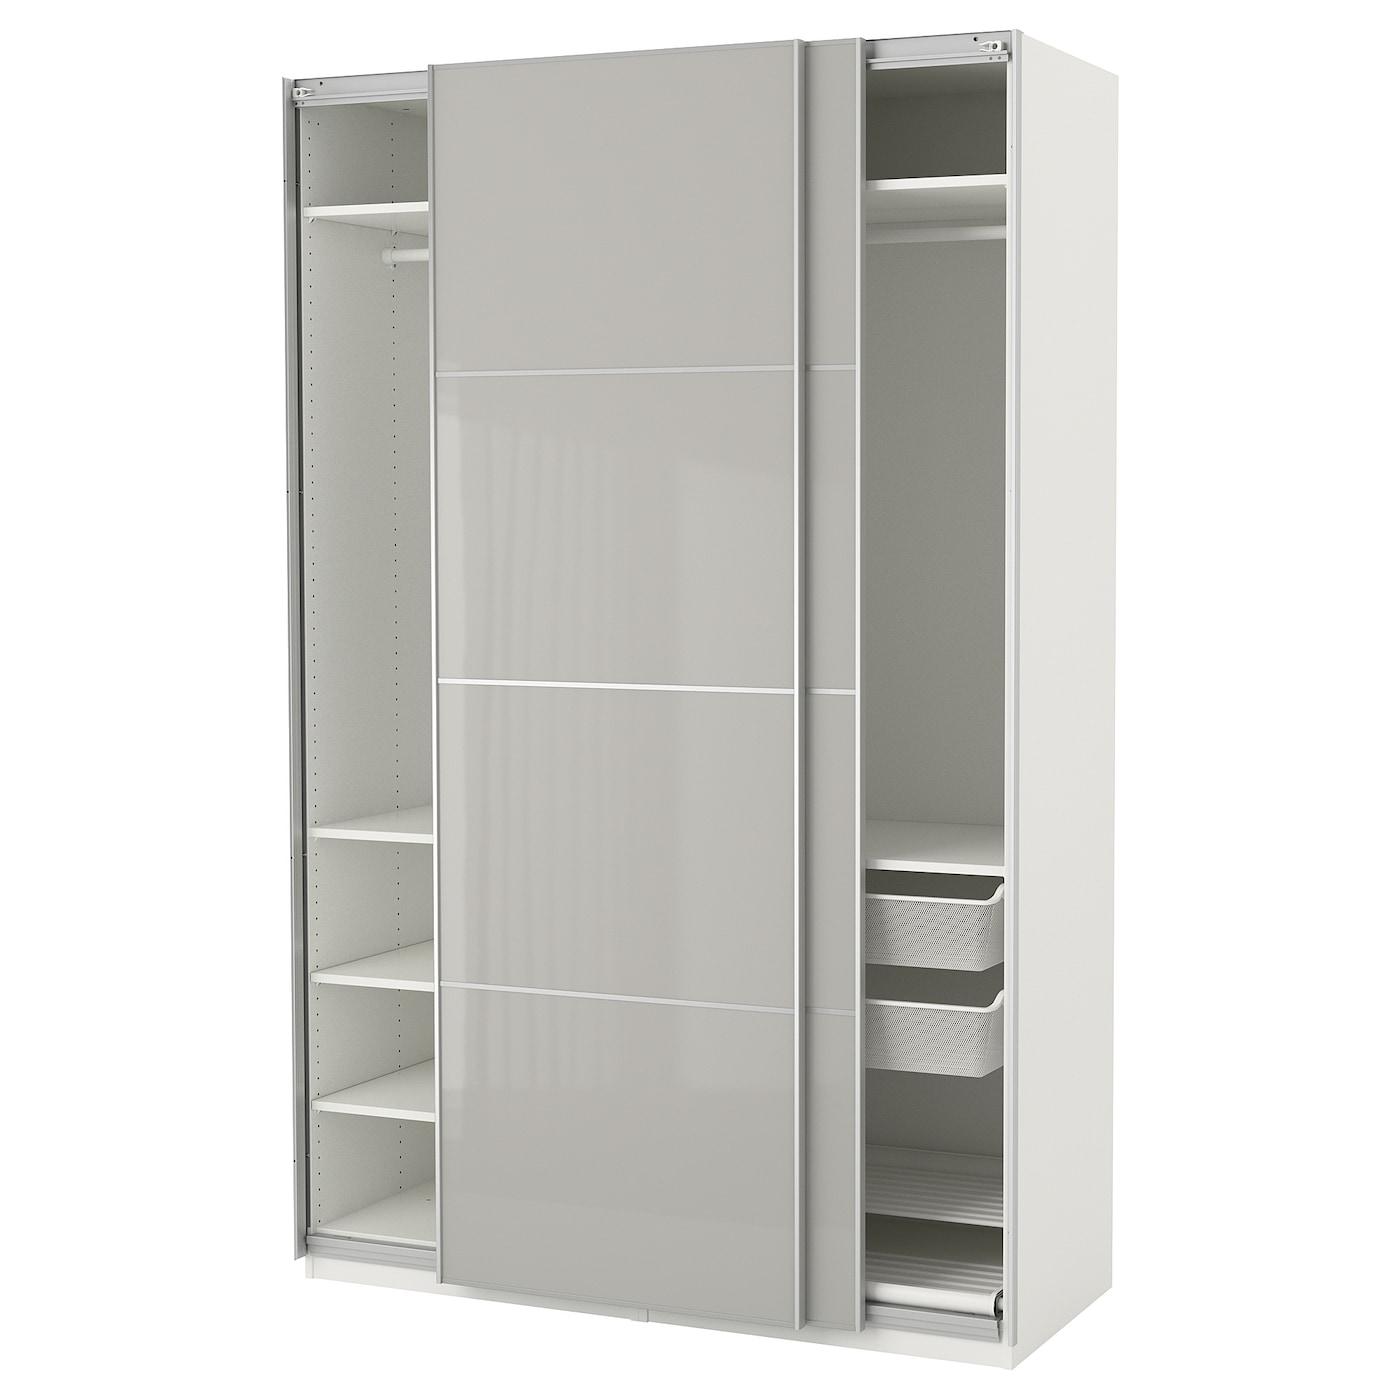 PAX Kleiderschrank - 150x66x201 cm, Schiebetürdämpfer - IKEA